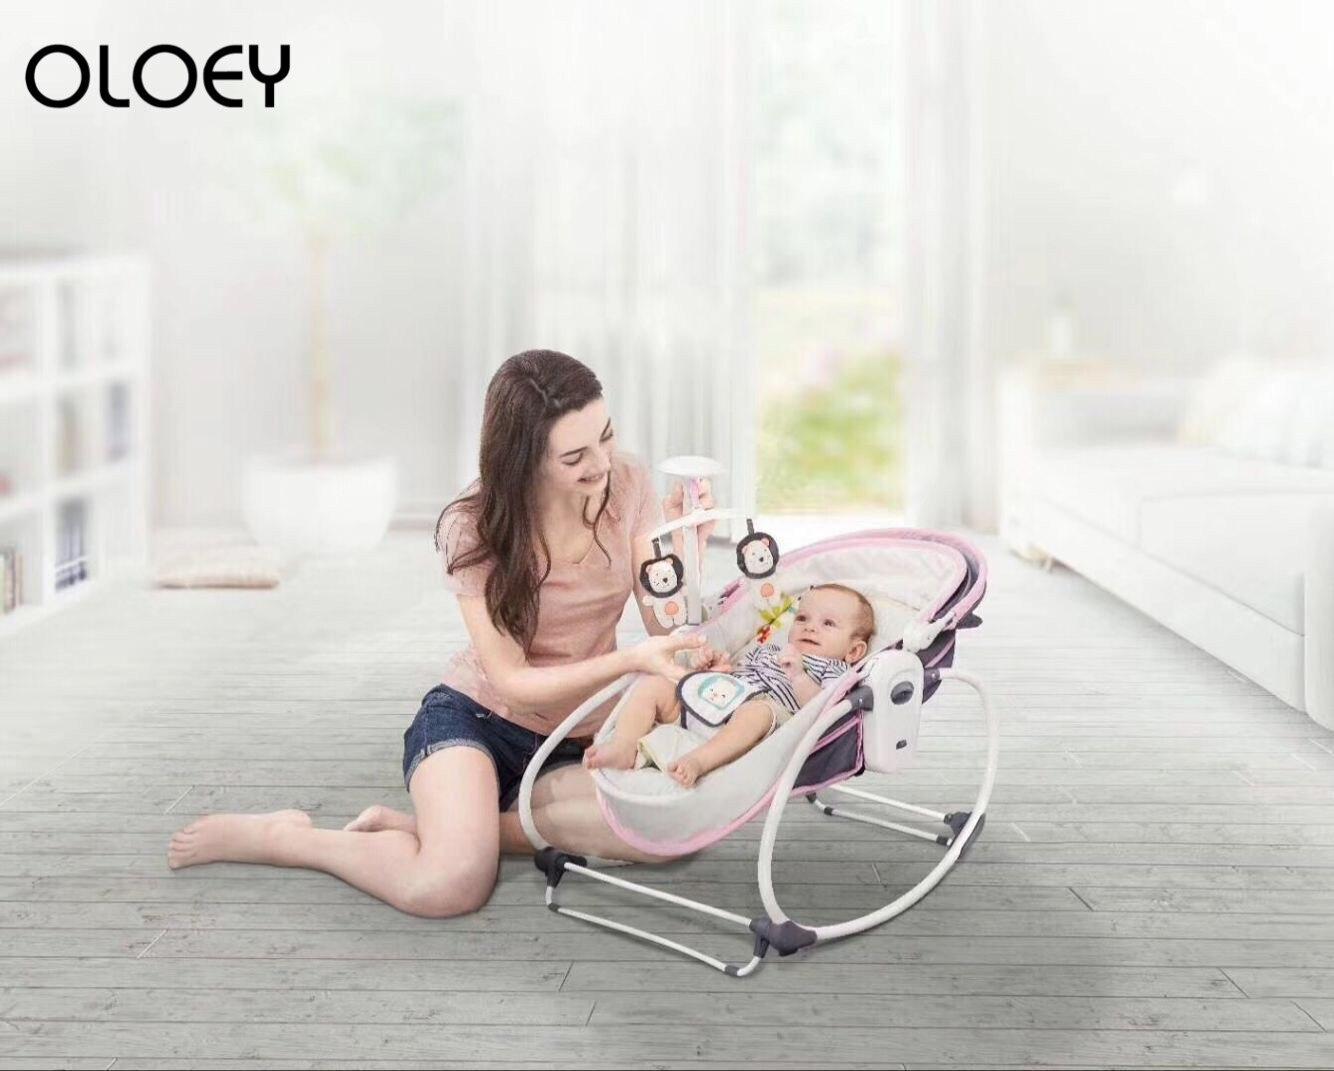 Универсальный вибромассажёр электрические детское кресло качалка малыша корзина кроватки отдыха стул игрушка полюс музыкальная шкатулка